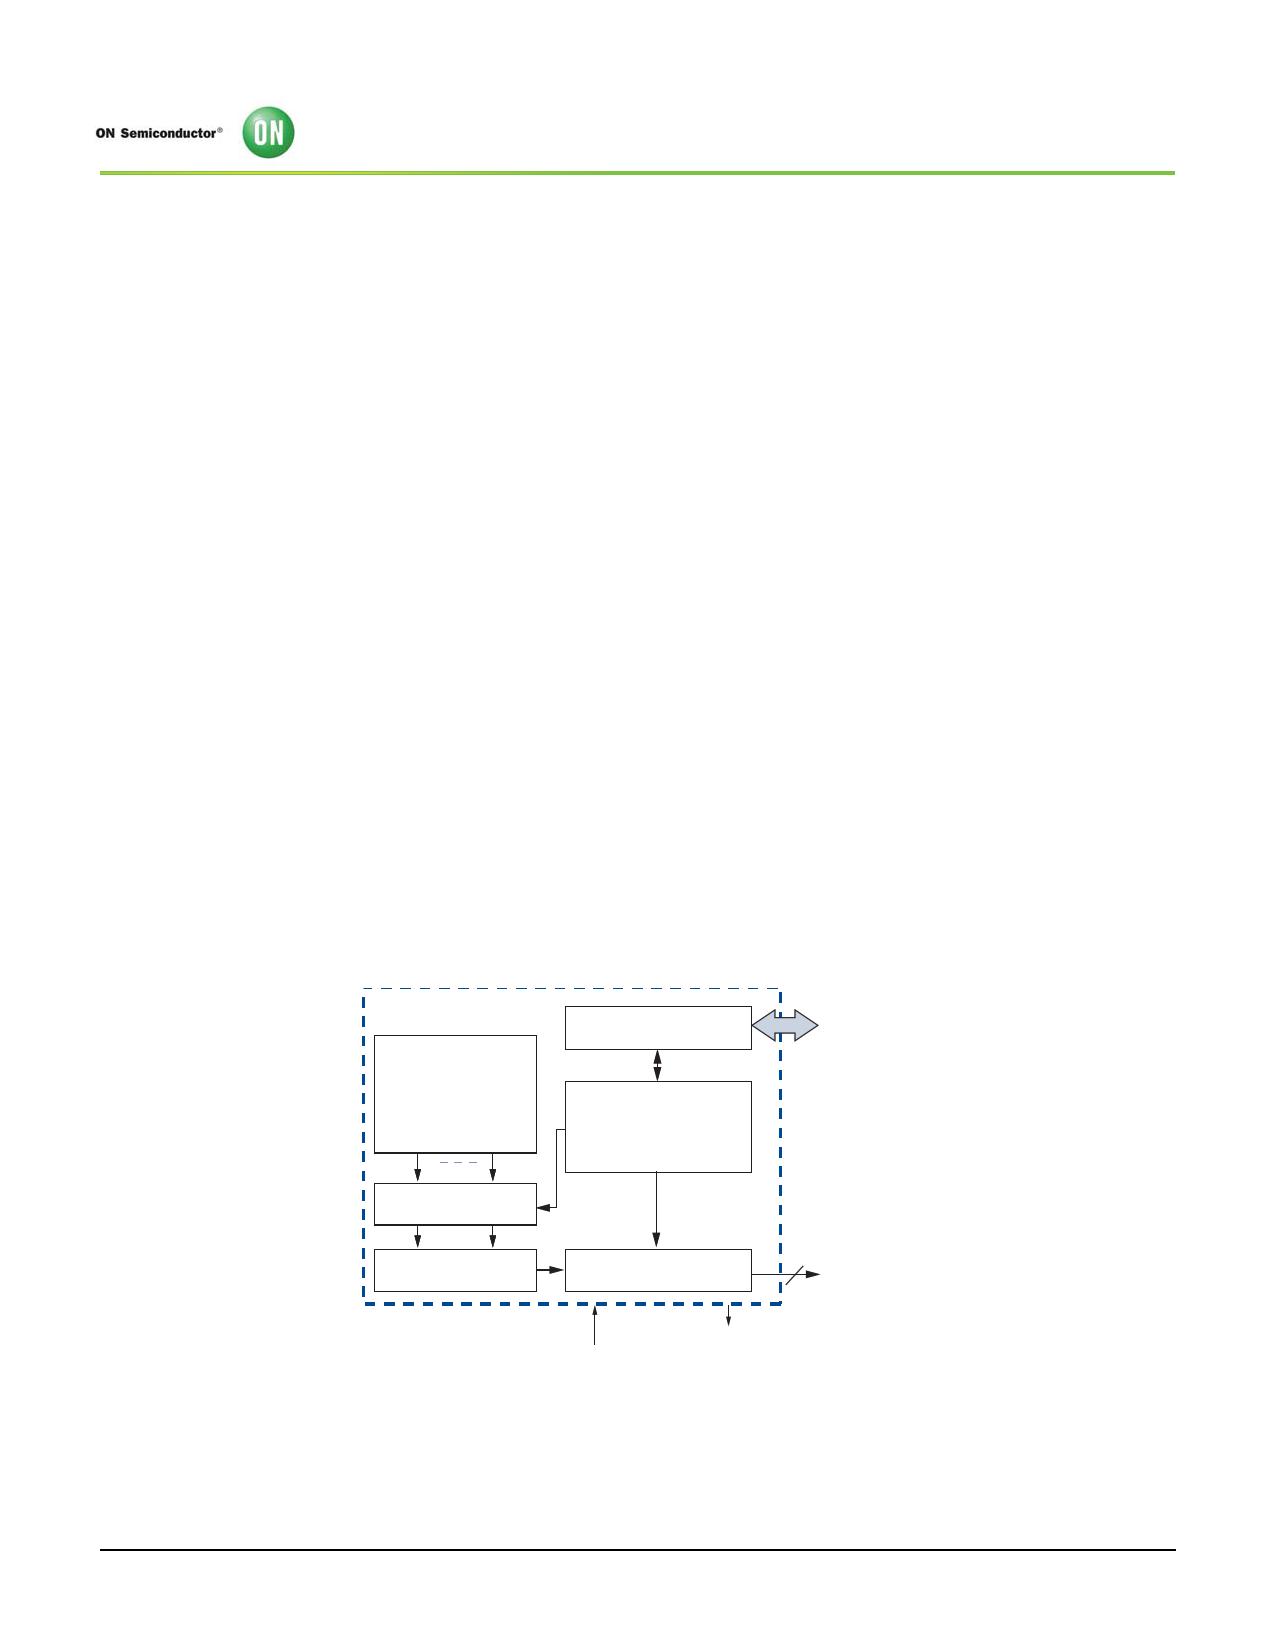 MT9V034 電子部品, 半導体